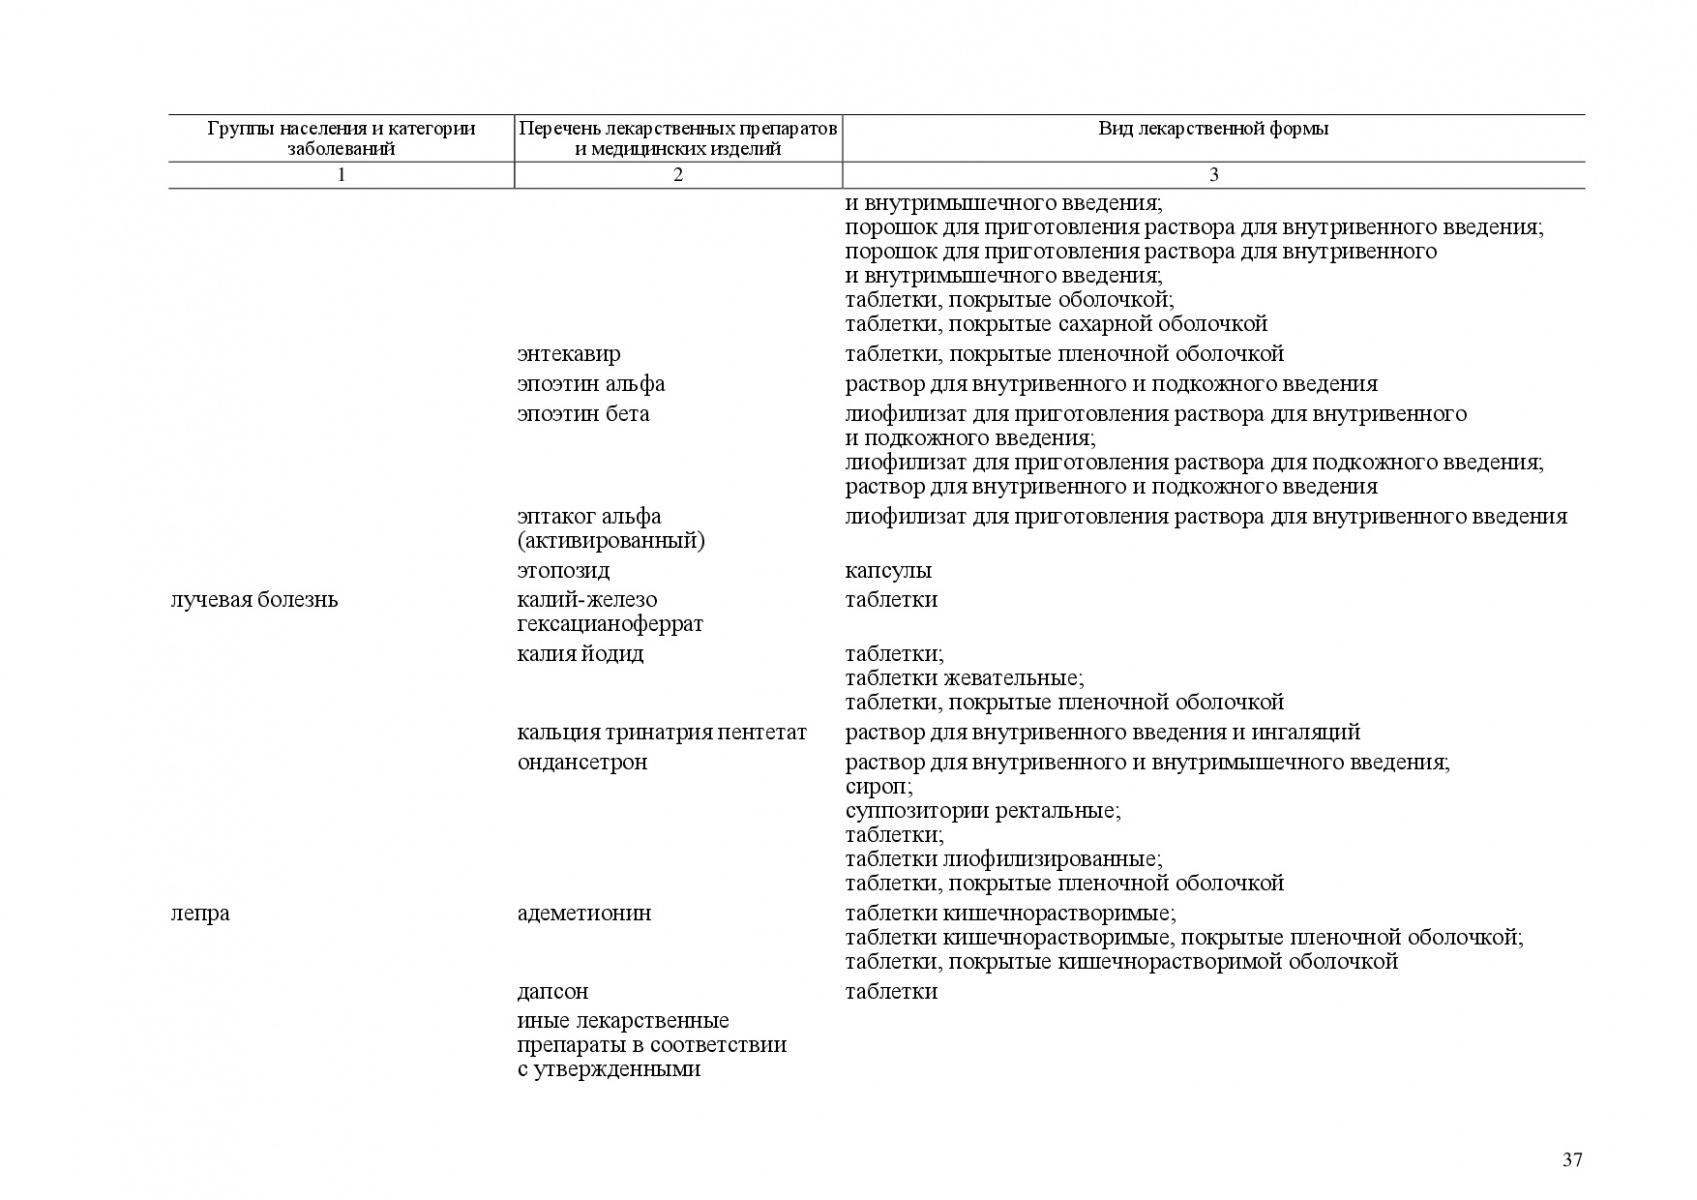 Prilozhenie-6-127-OD-037